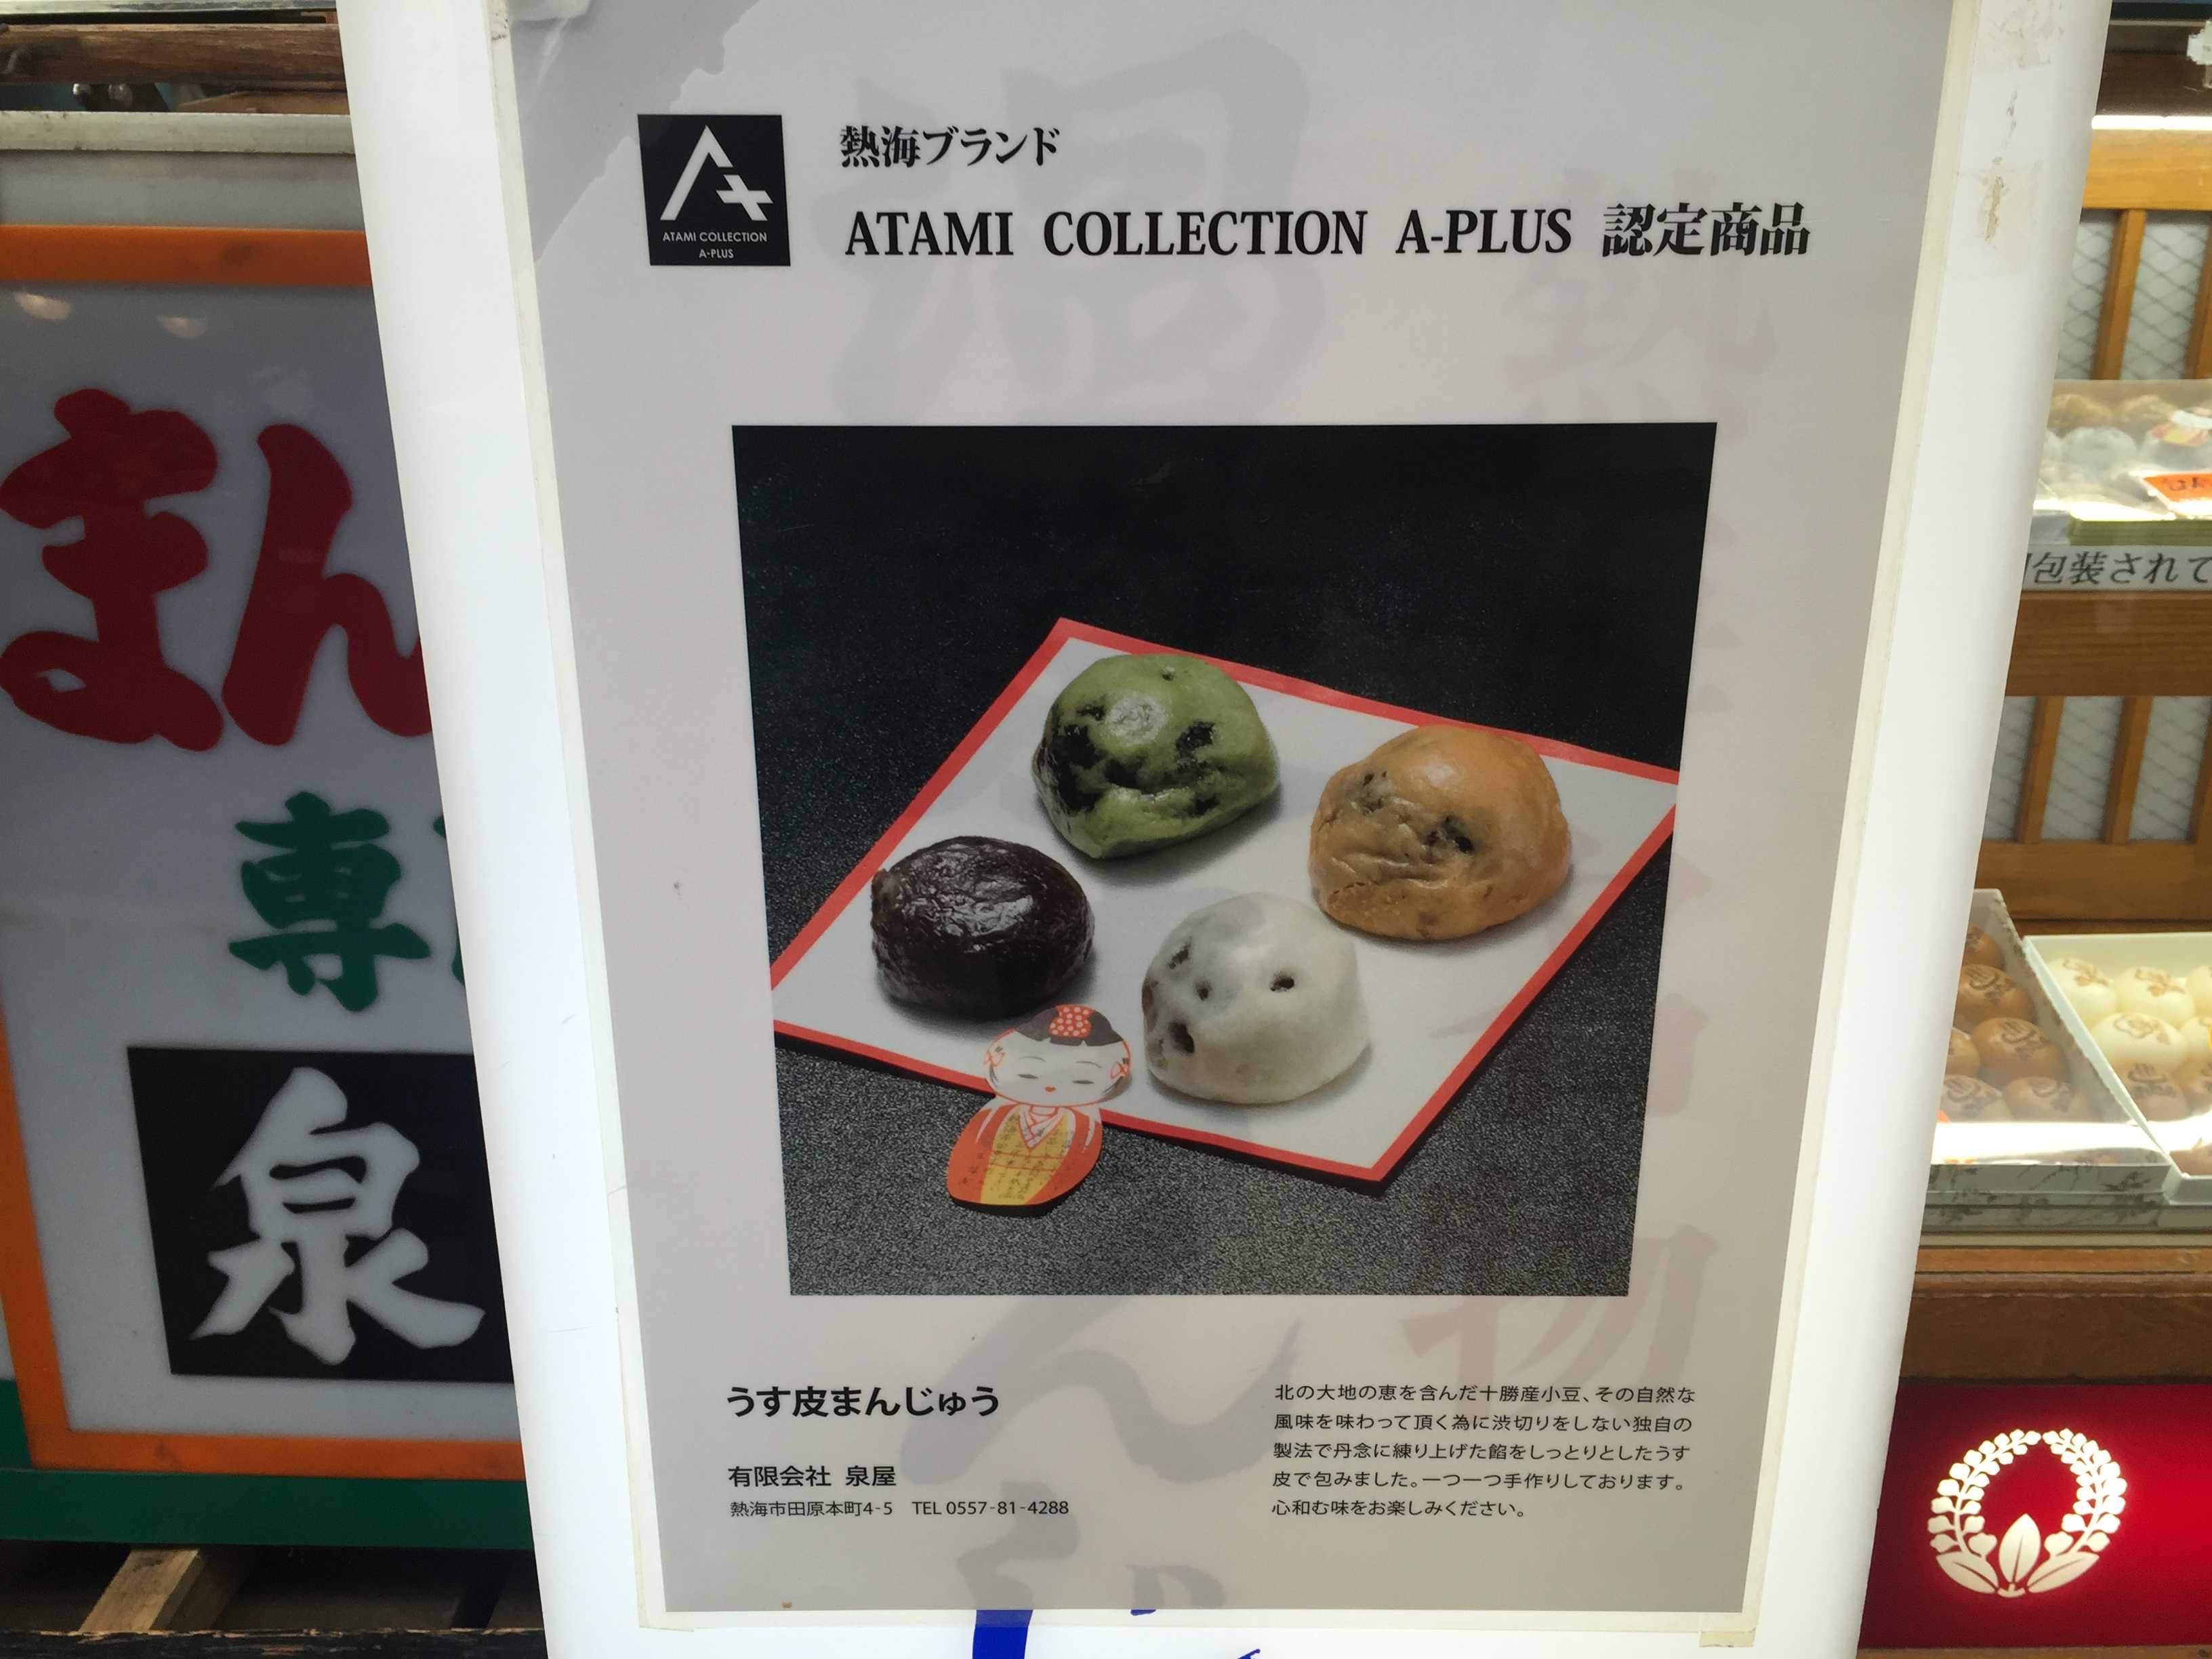 熱海ブランド ATAMI COLLECTION A-PLUS 認定商品 有限会社 泉屋 うす皮まんじゅう